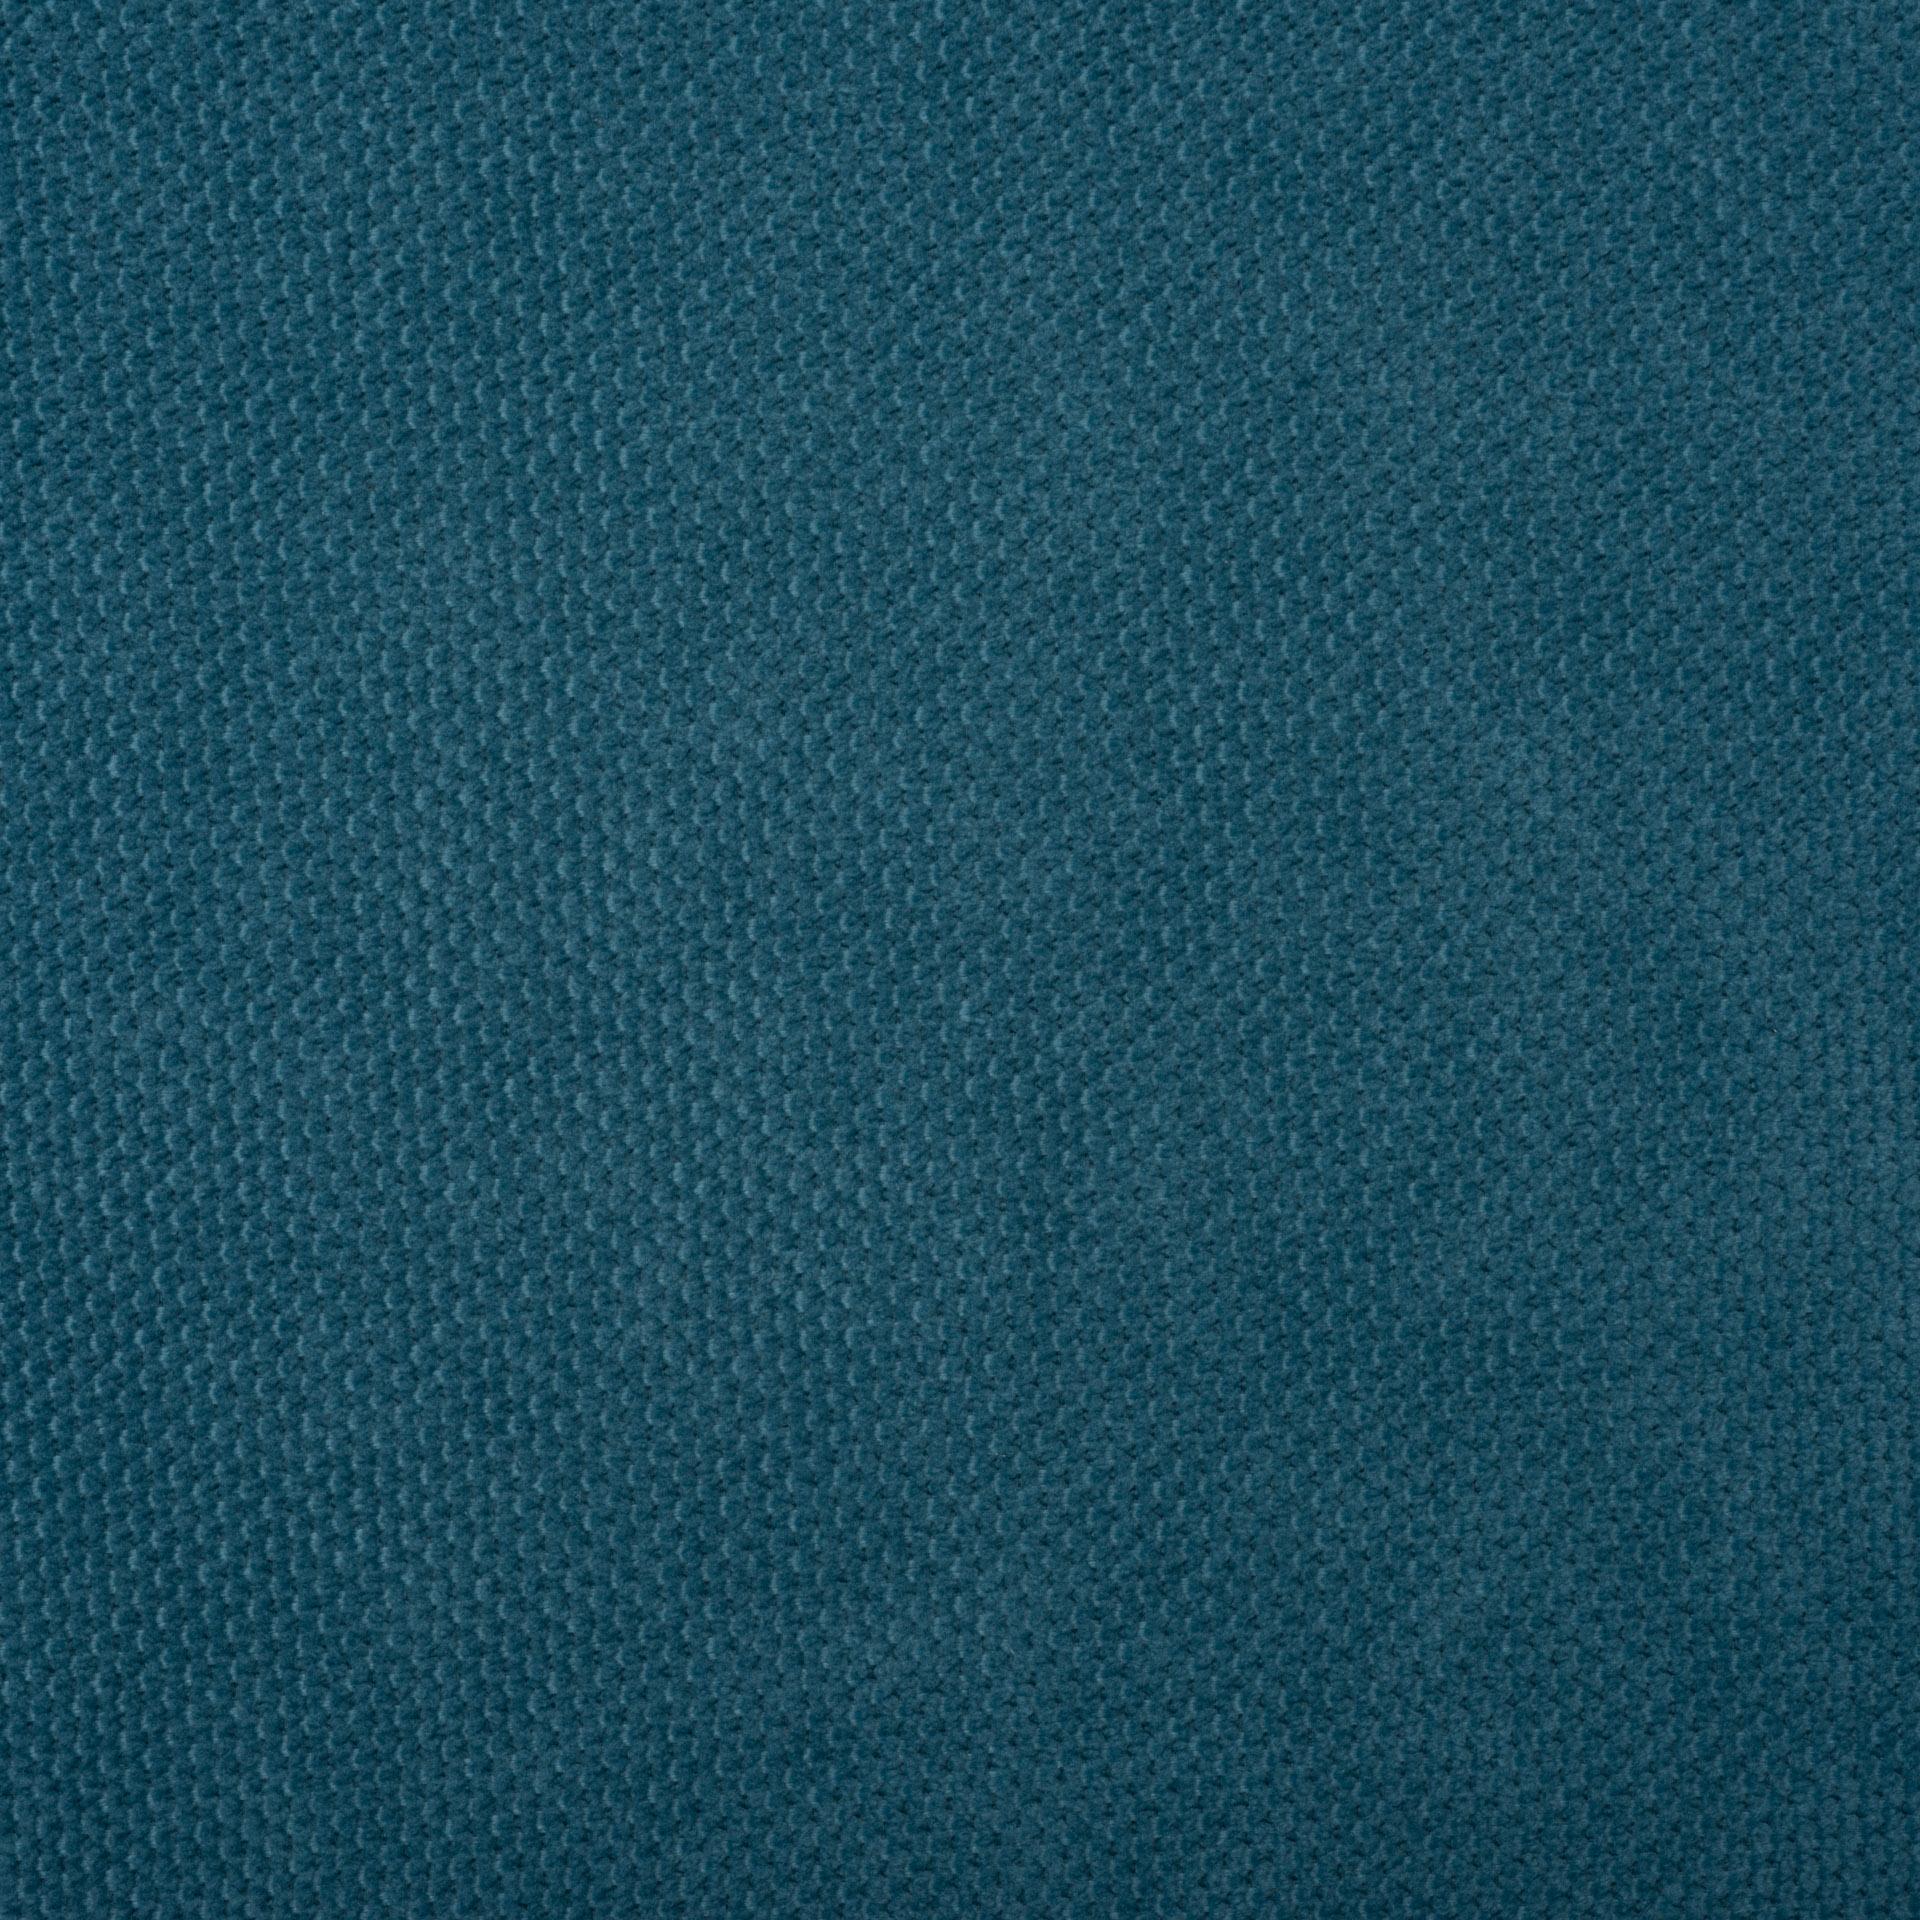 Коллекция ткани Дели 17 AQUA,  купить ткань Жаккард для мебели Украина